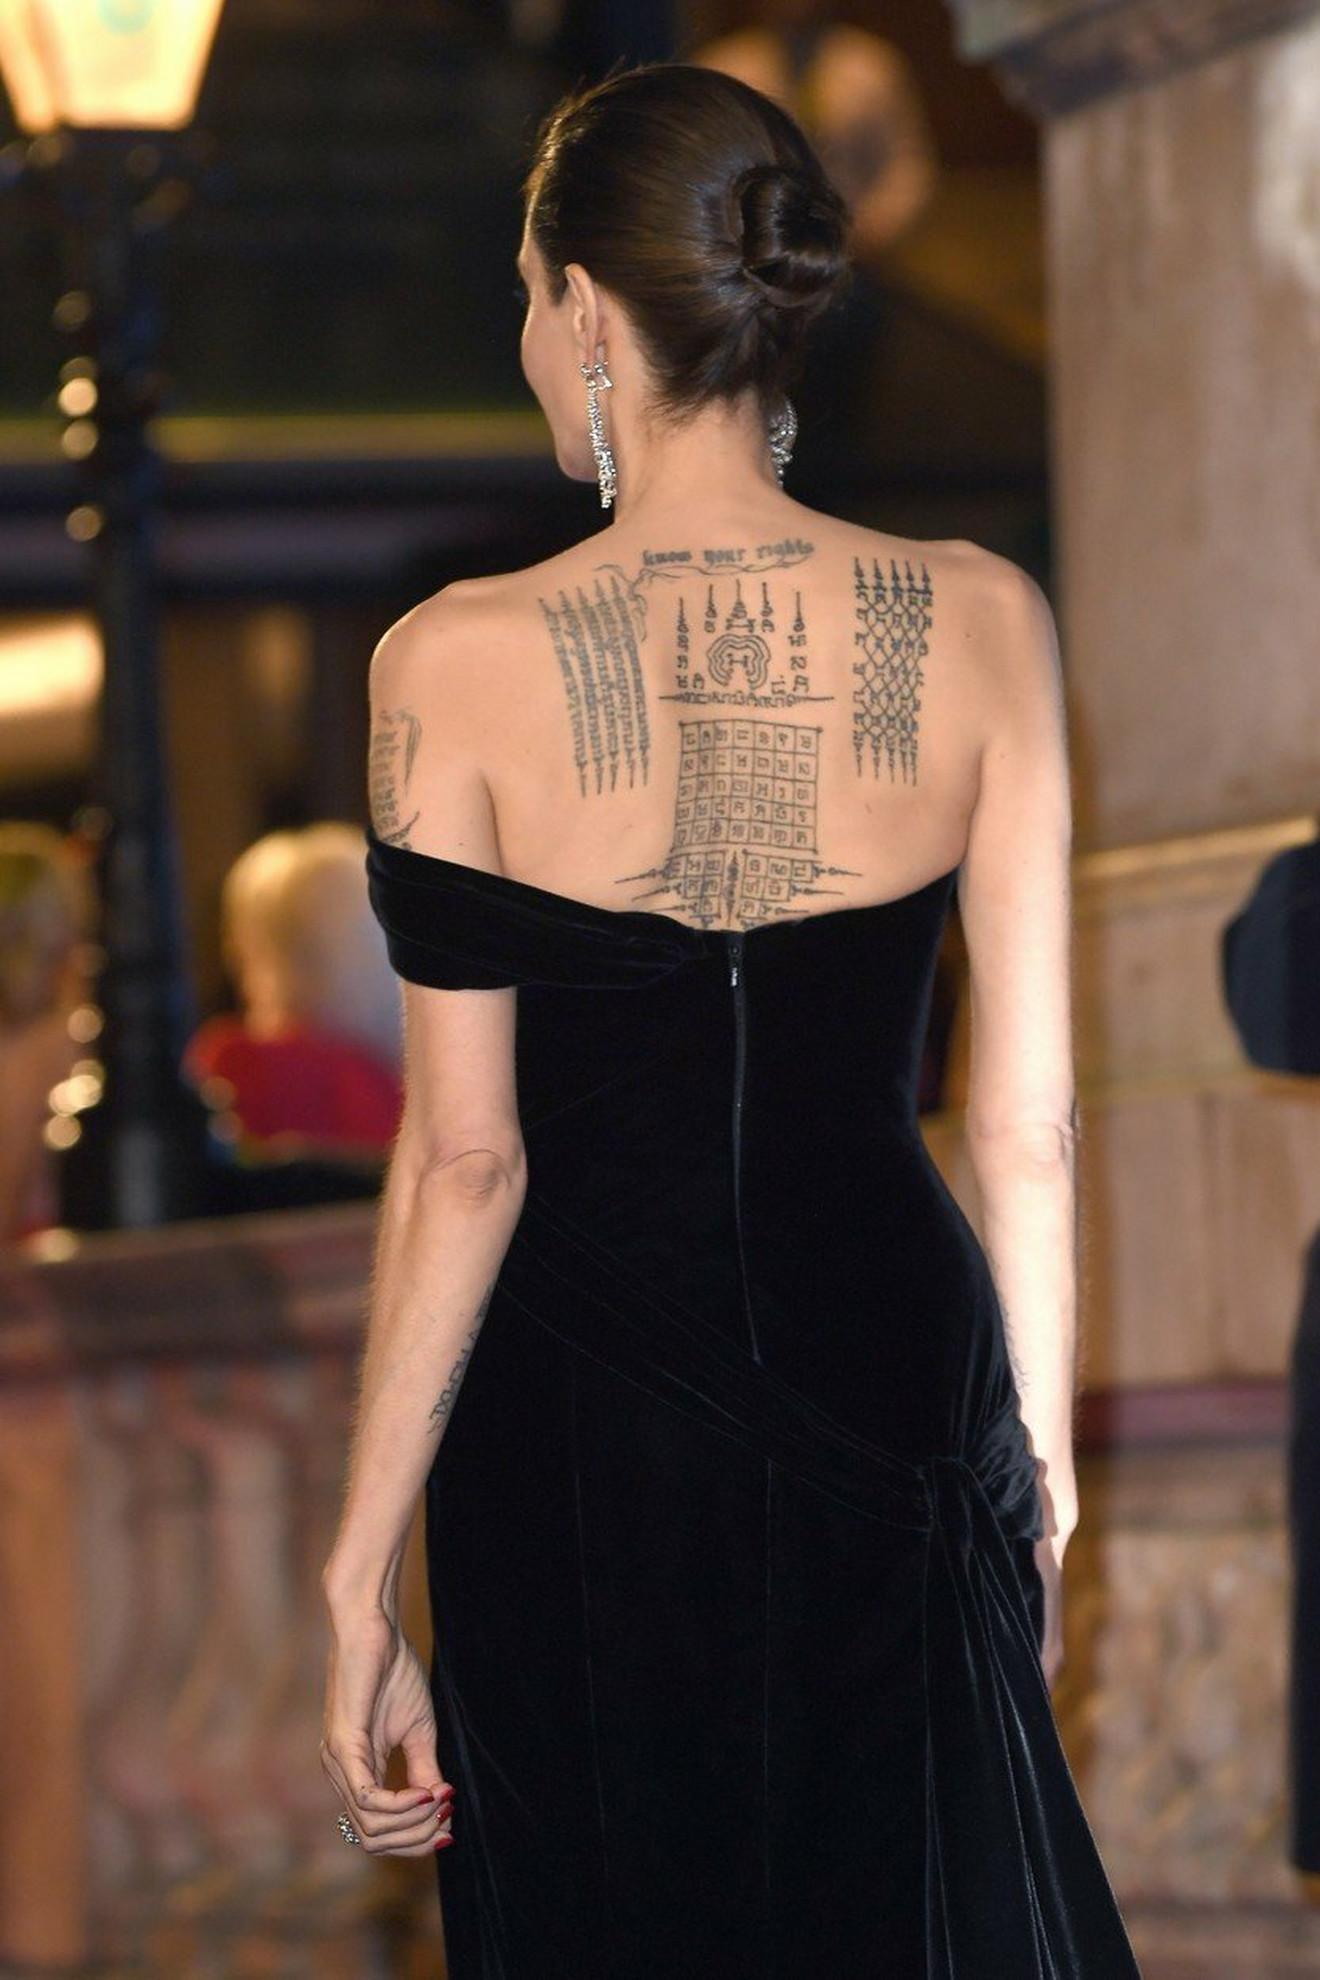 Tetovaže Anđeline Žoli